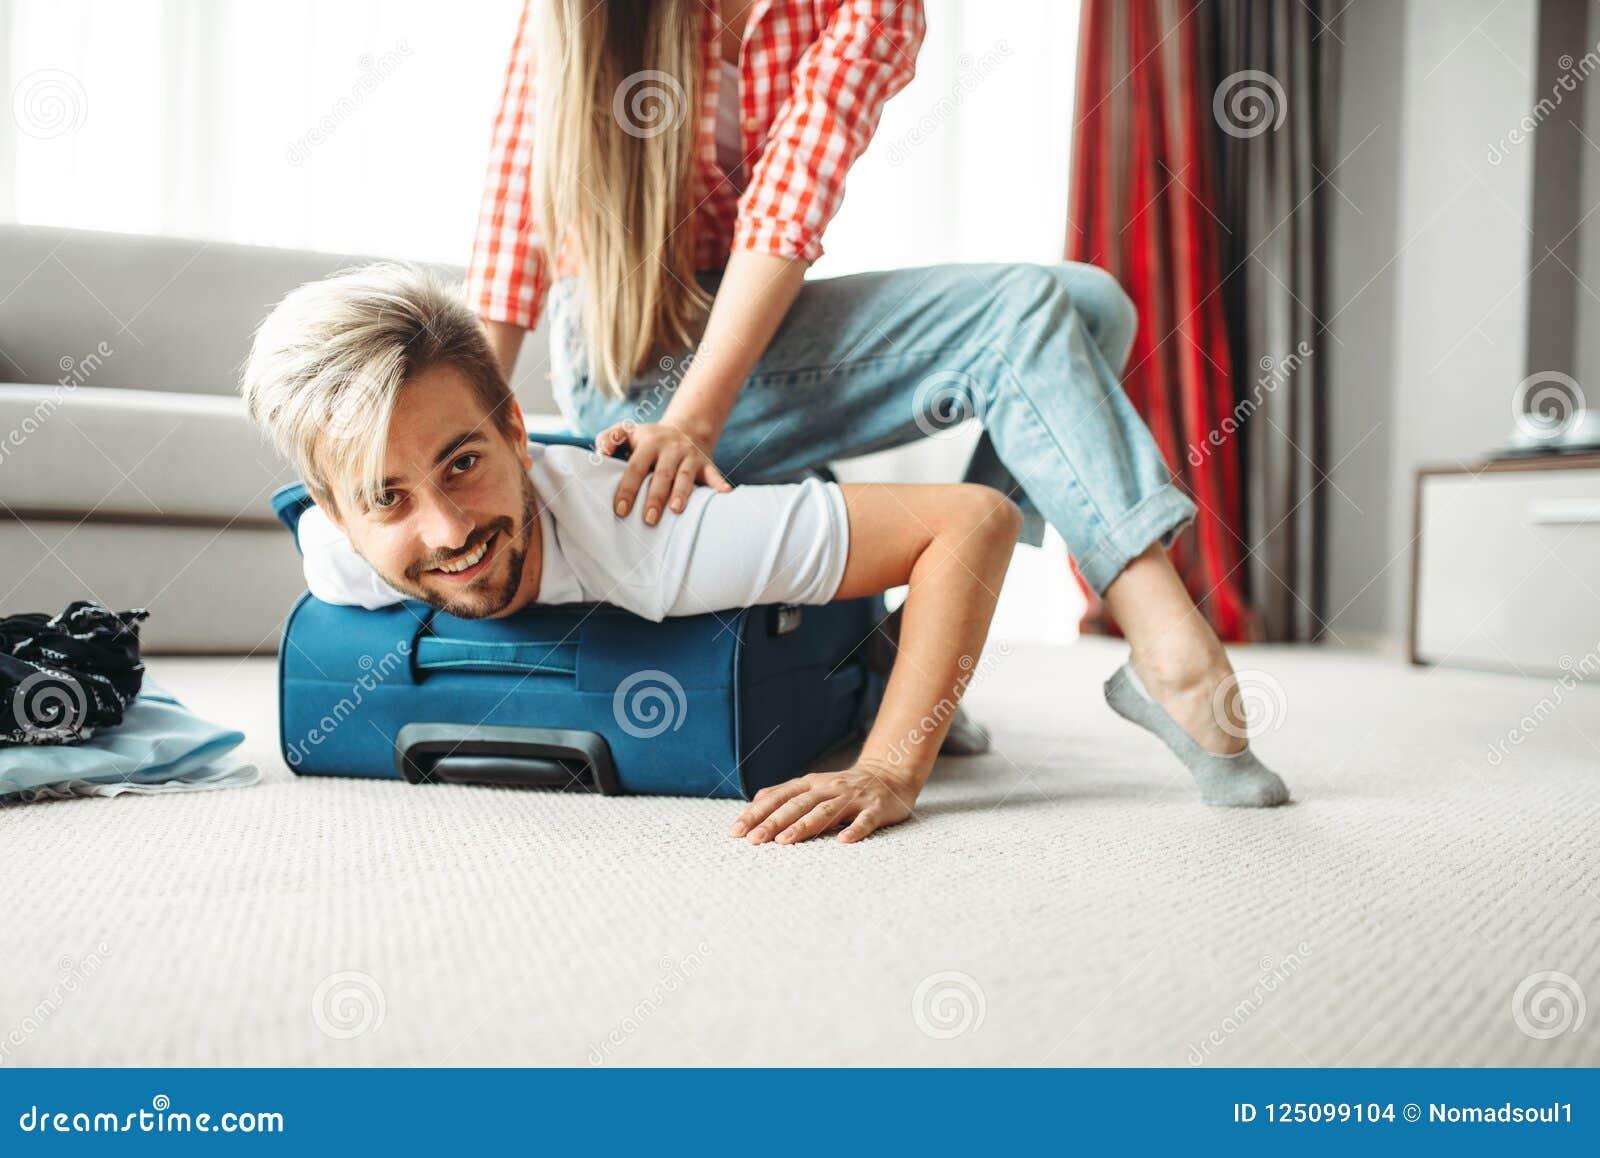 Het vrolijke meisje pakte haar echtgenoot in een koffer in